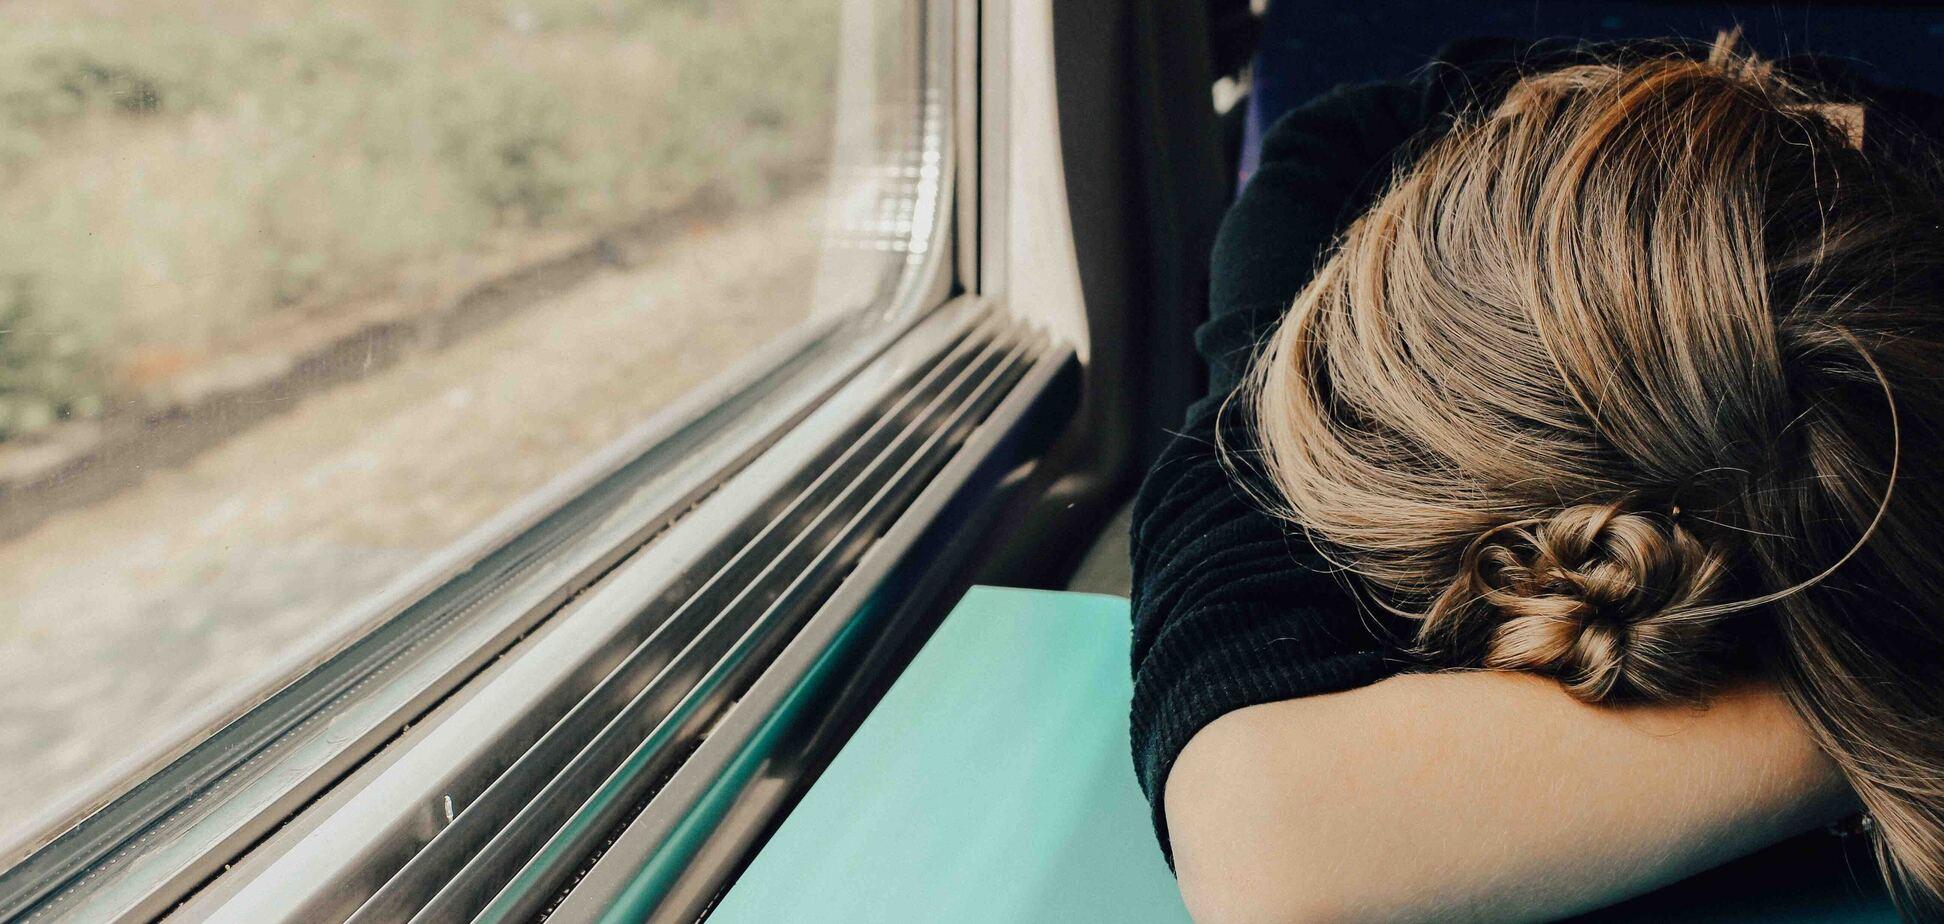 Если утомила работа: помощь при эмоциональном выгорании